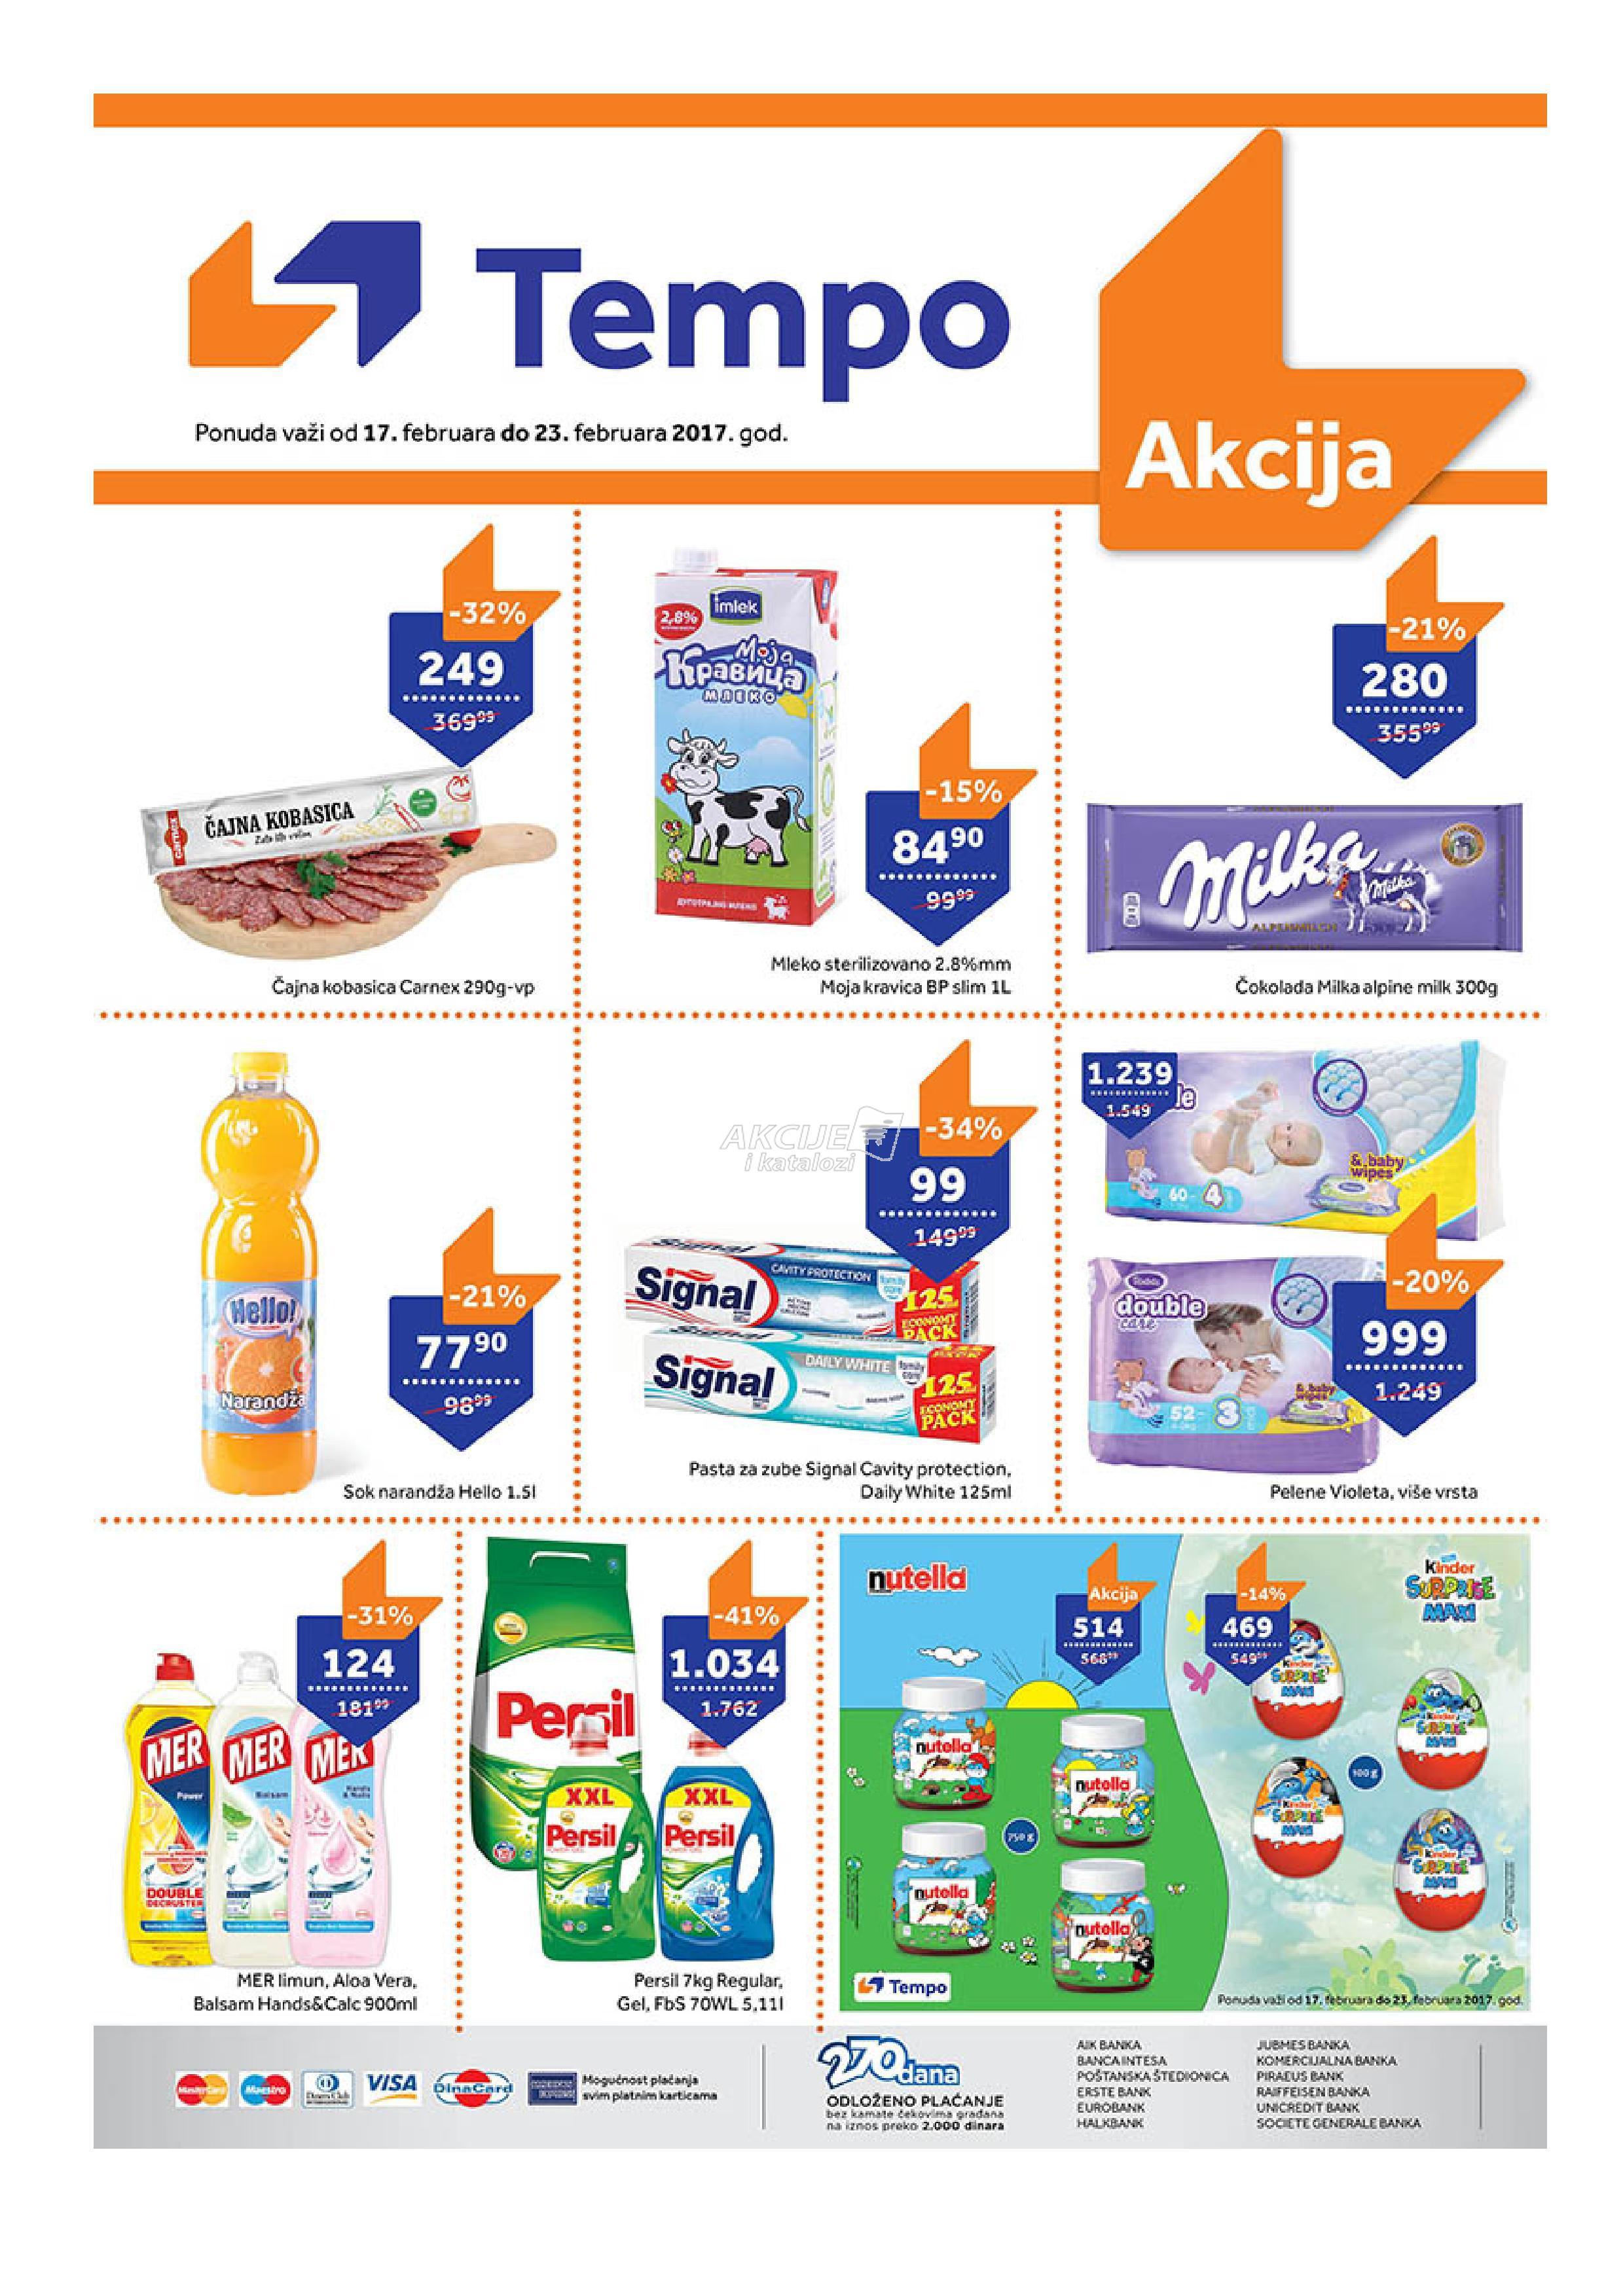 Tempo - Redovna akcija nedeljne kupovine